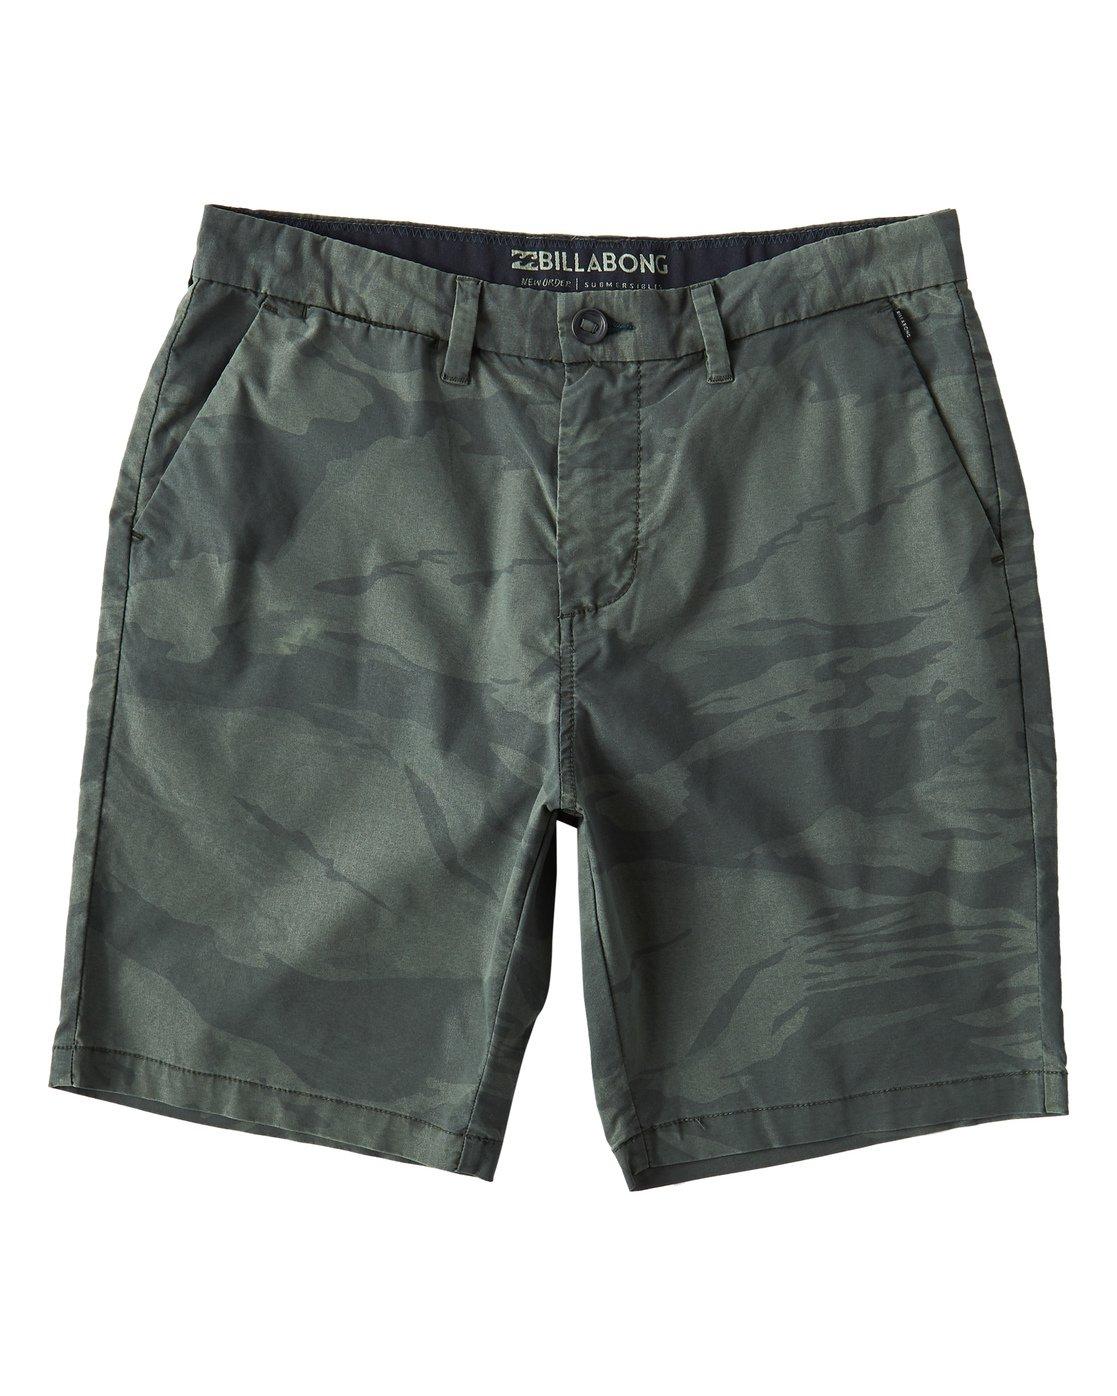 BILLABONG Mens New Order X Sundays Casual Shorts